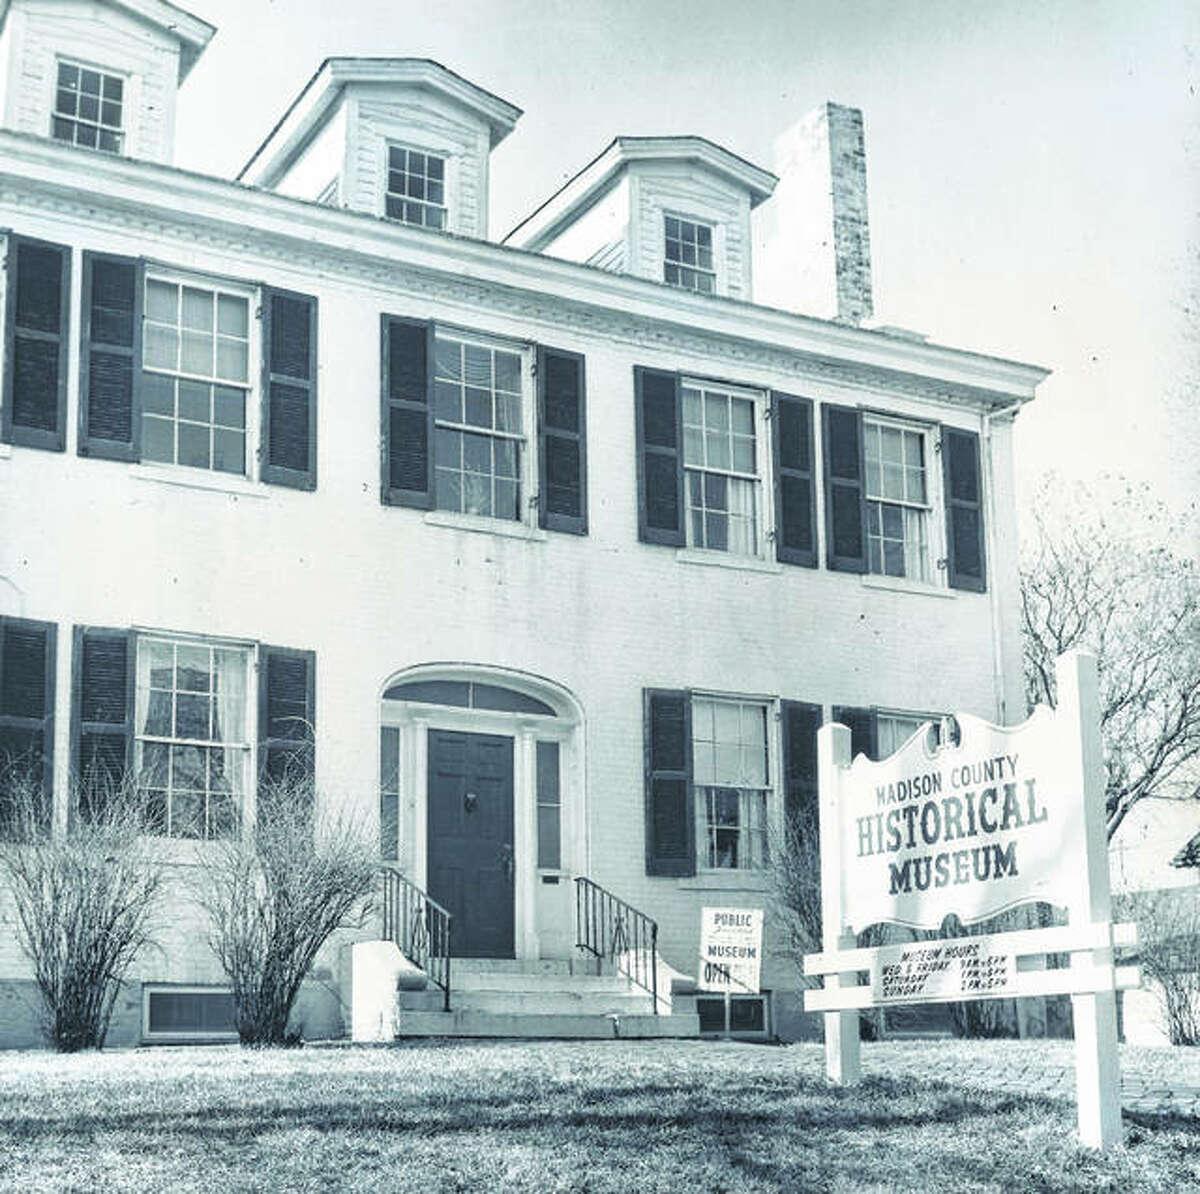 The 1836 Weir House.